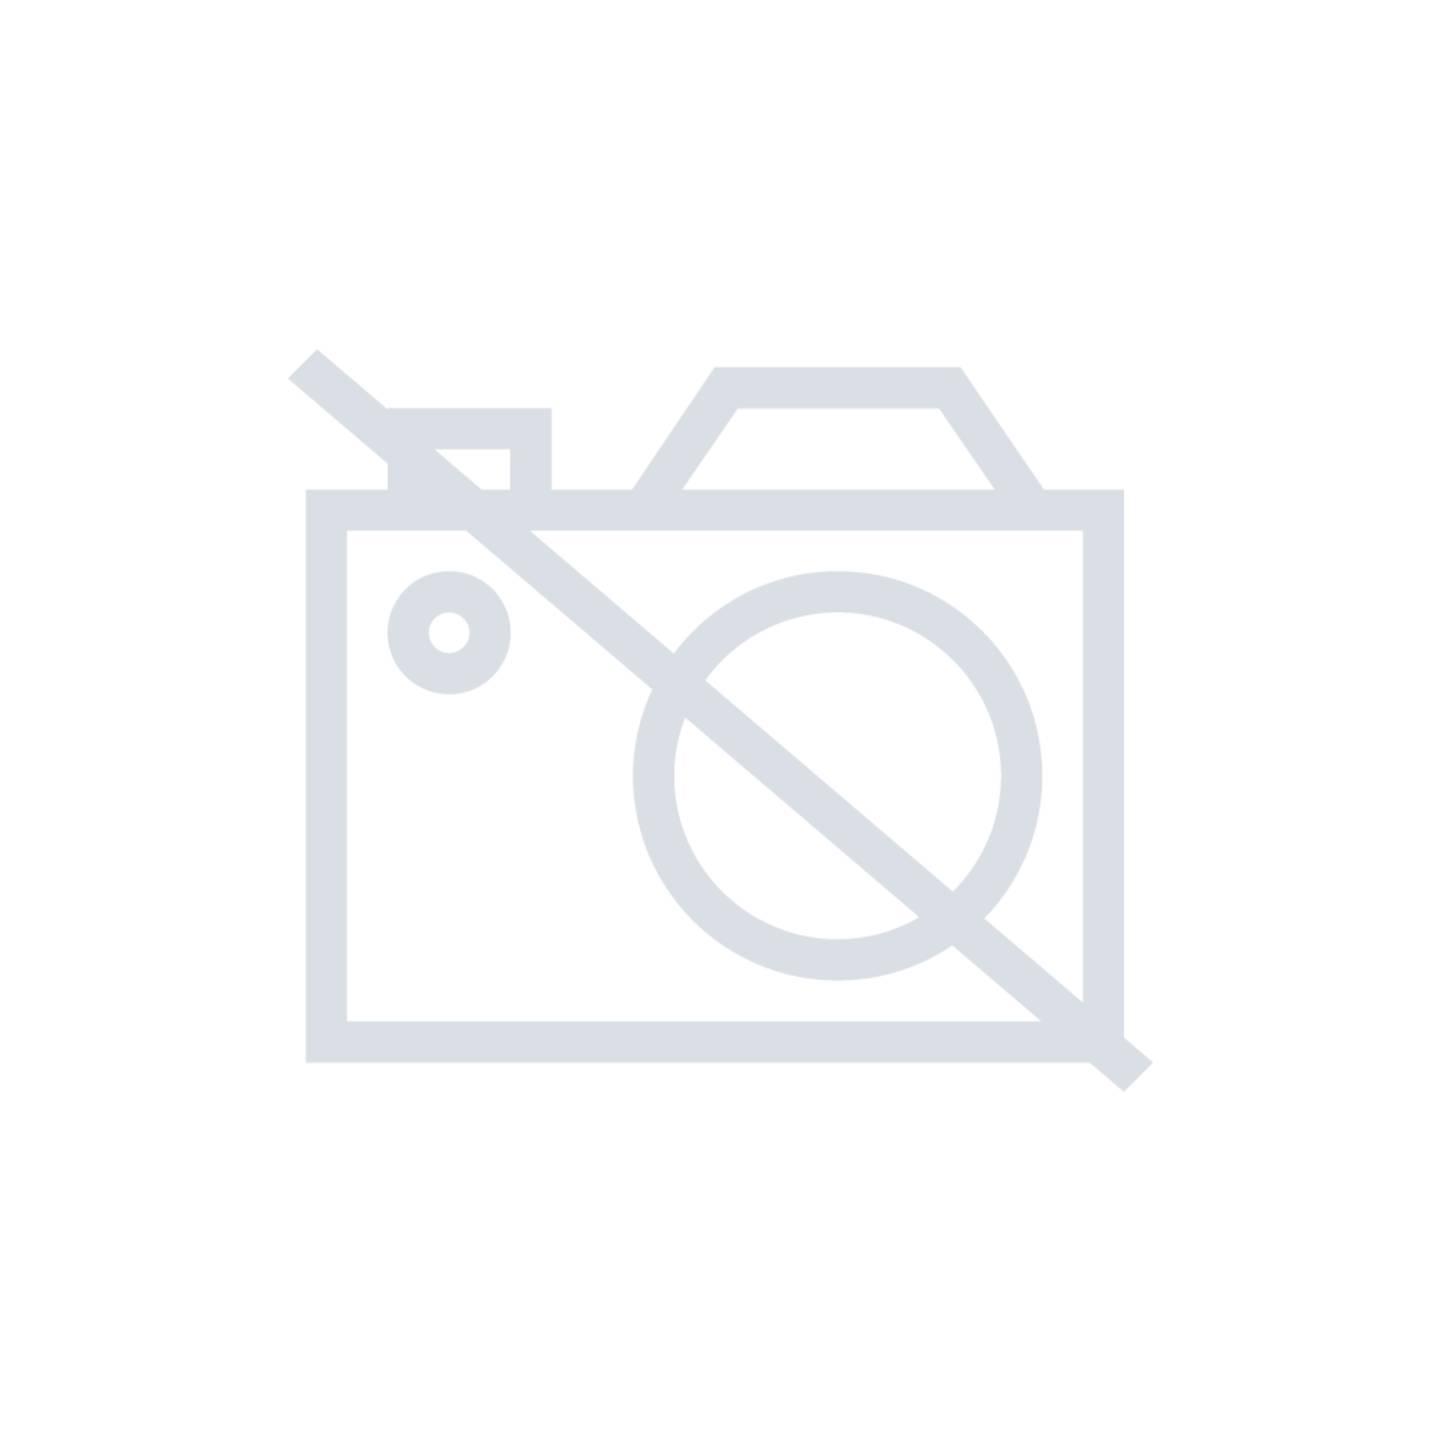 Speaka Professional HDMI Funkübertragung